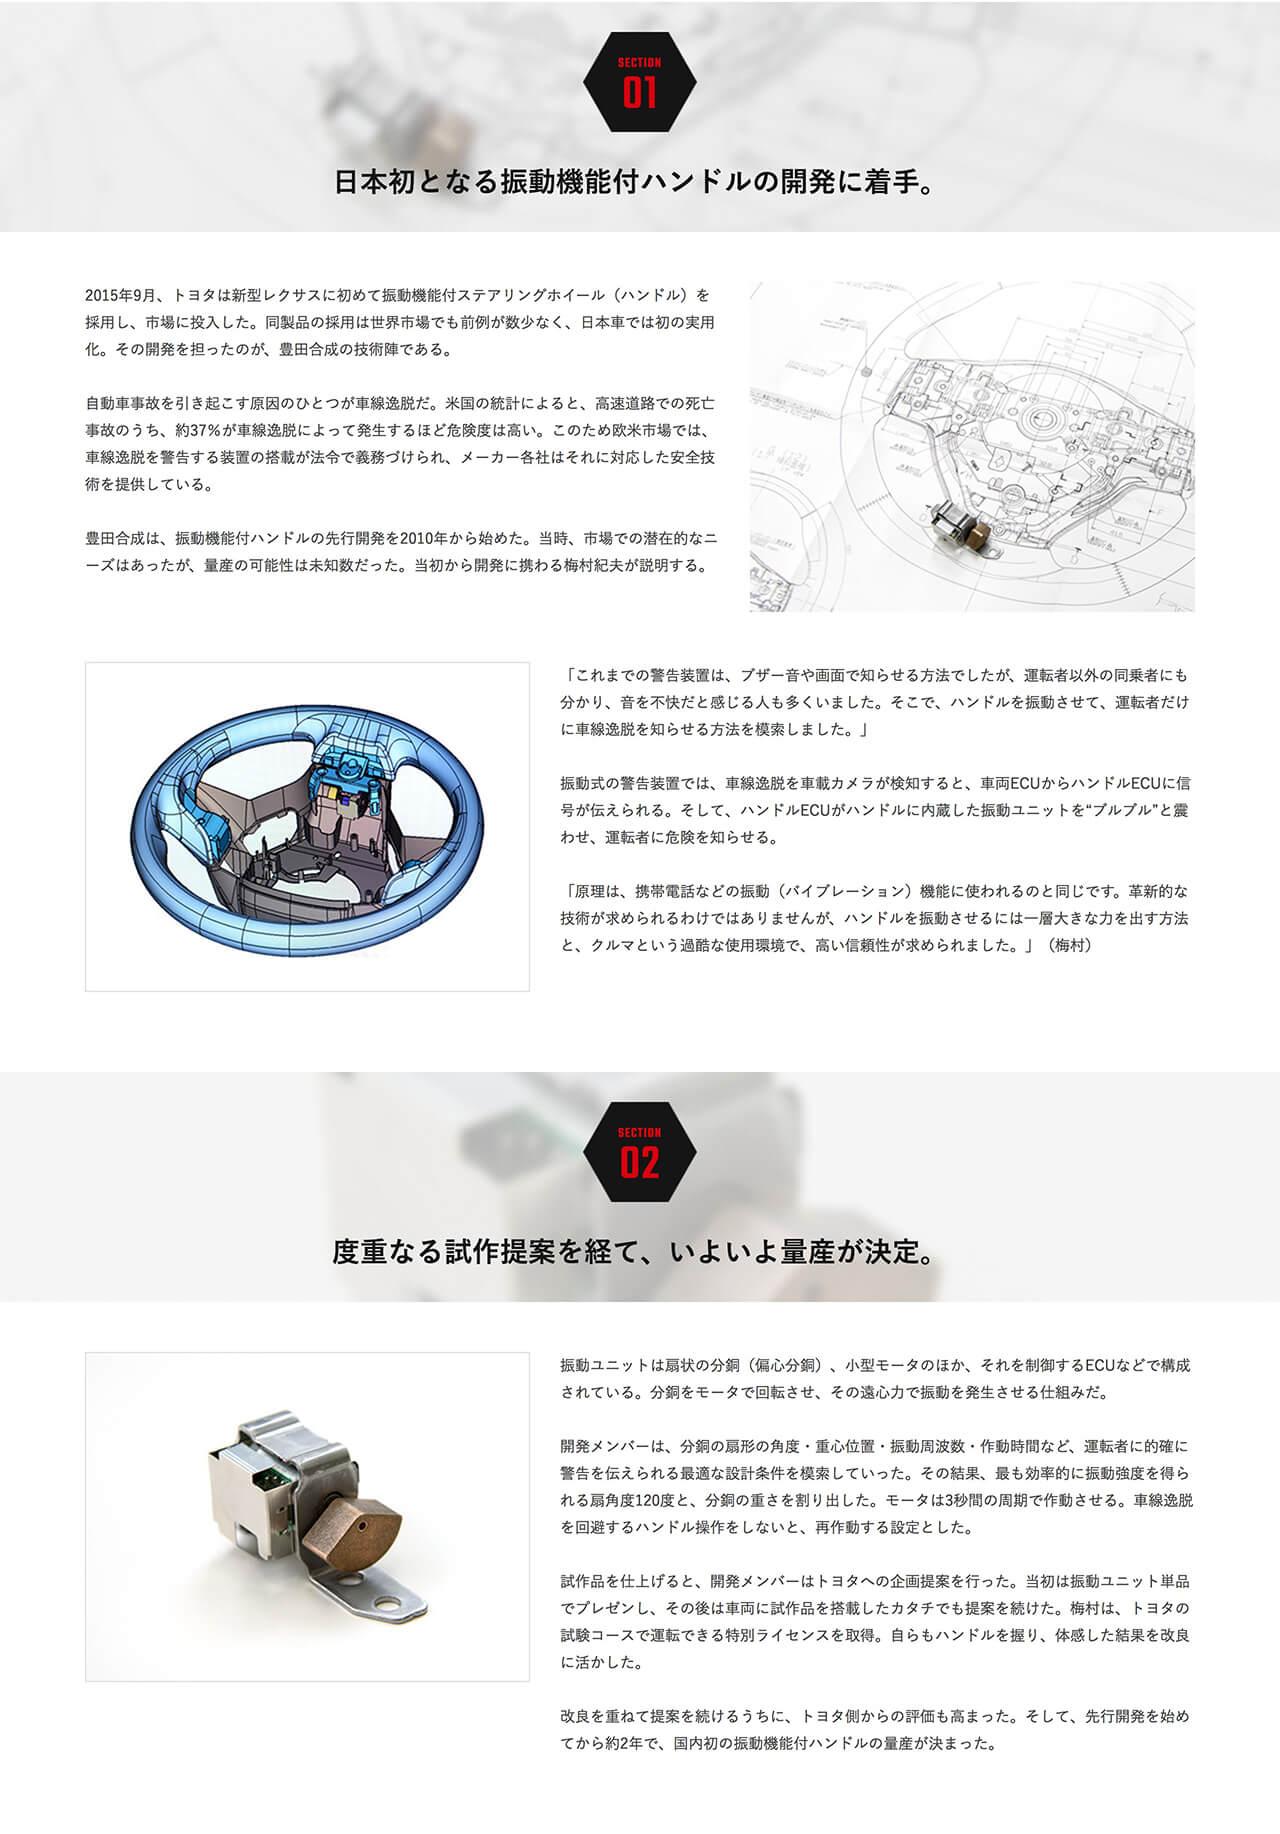 豊田合成 プロジェクトストーリー